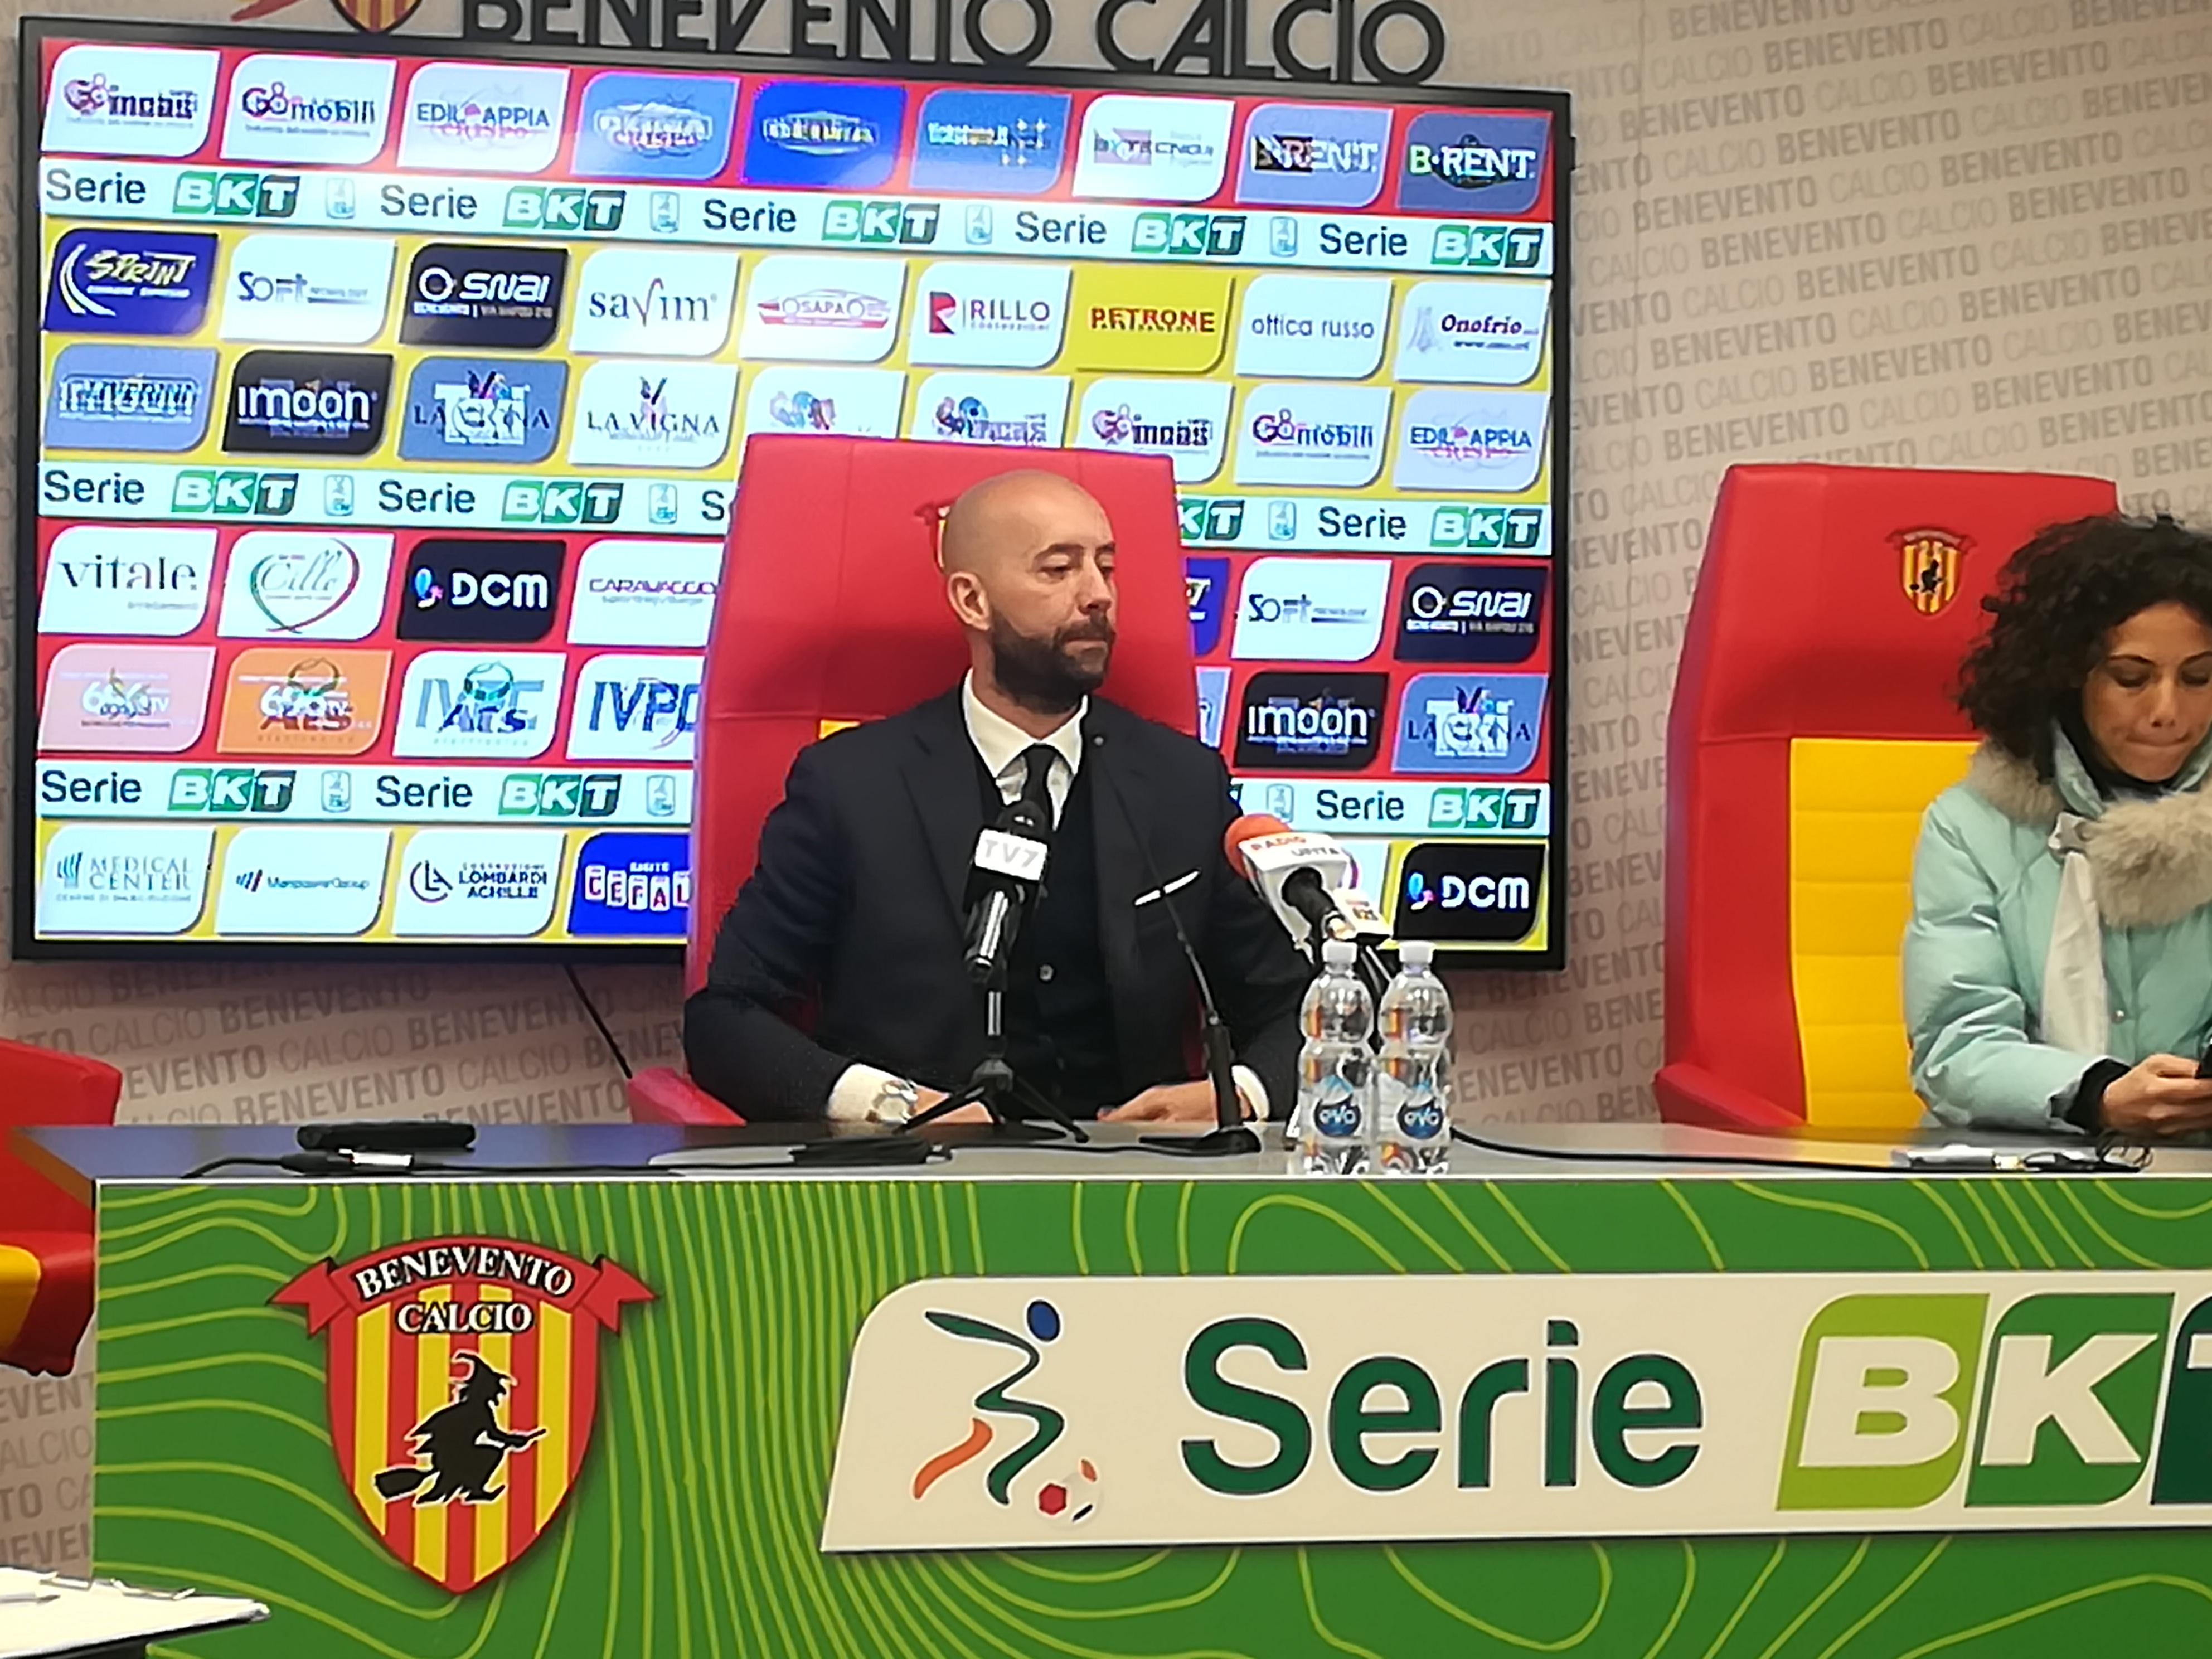 La disamina di Bucchi della partita Benevento – Spezia 2 a 3